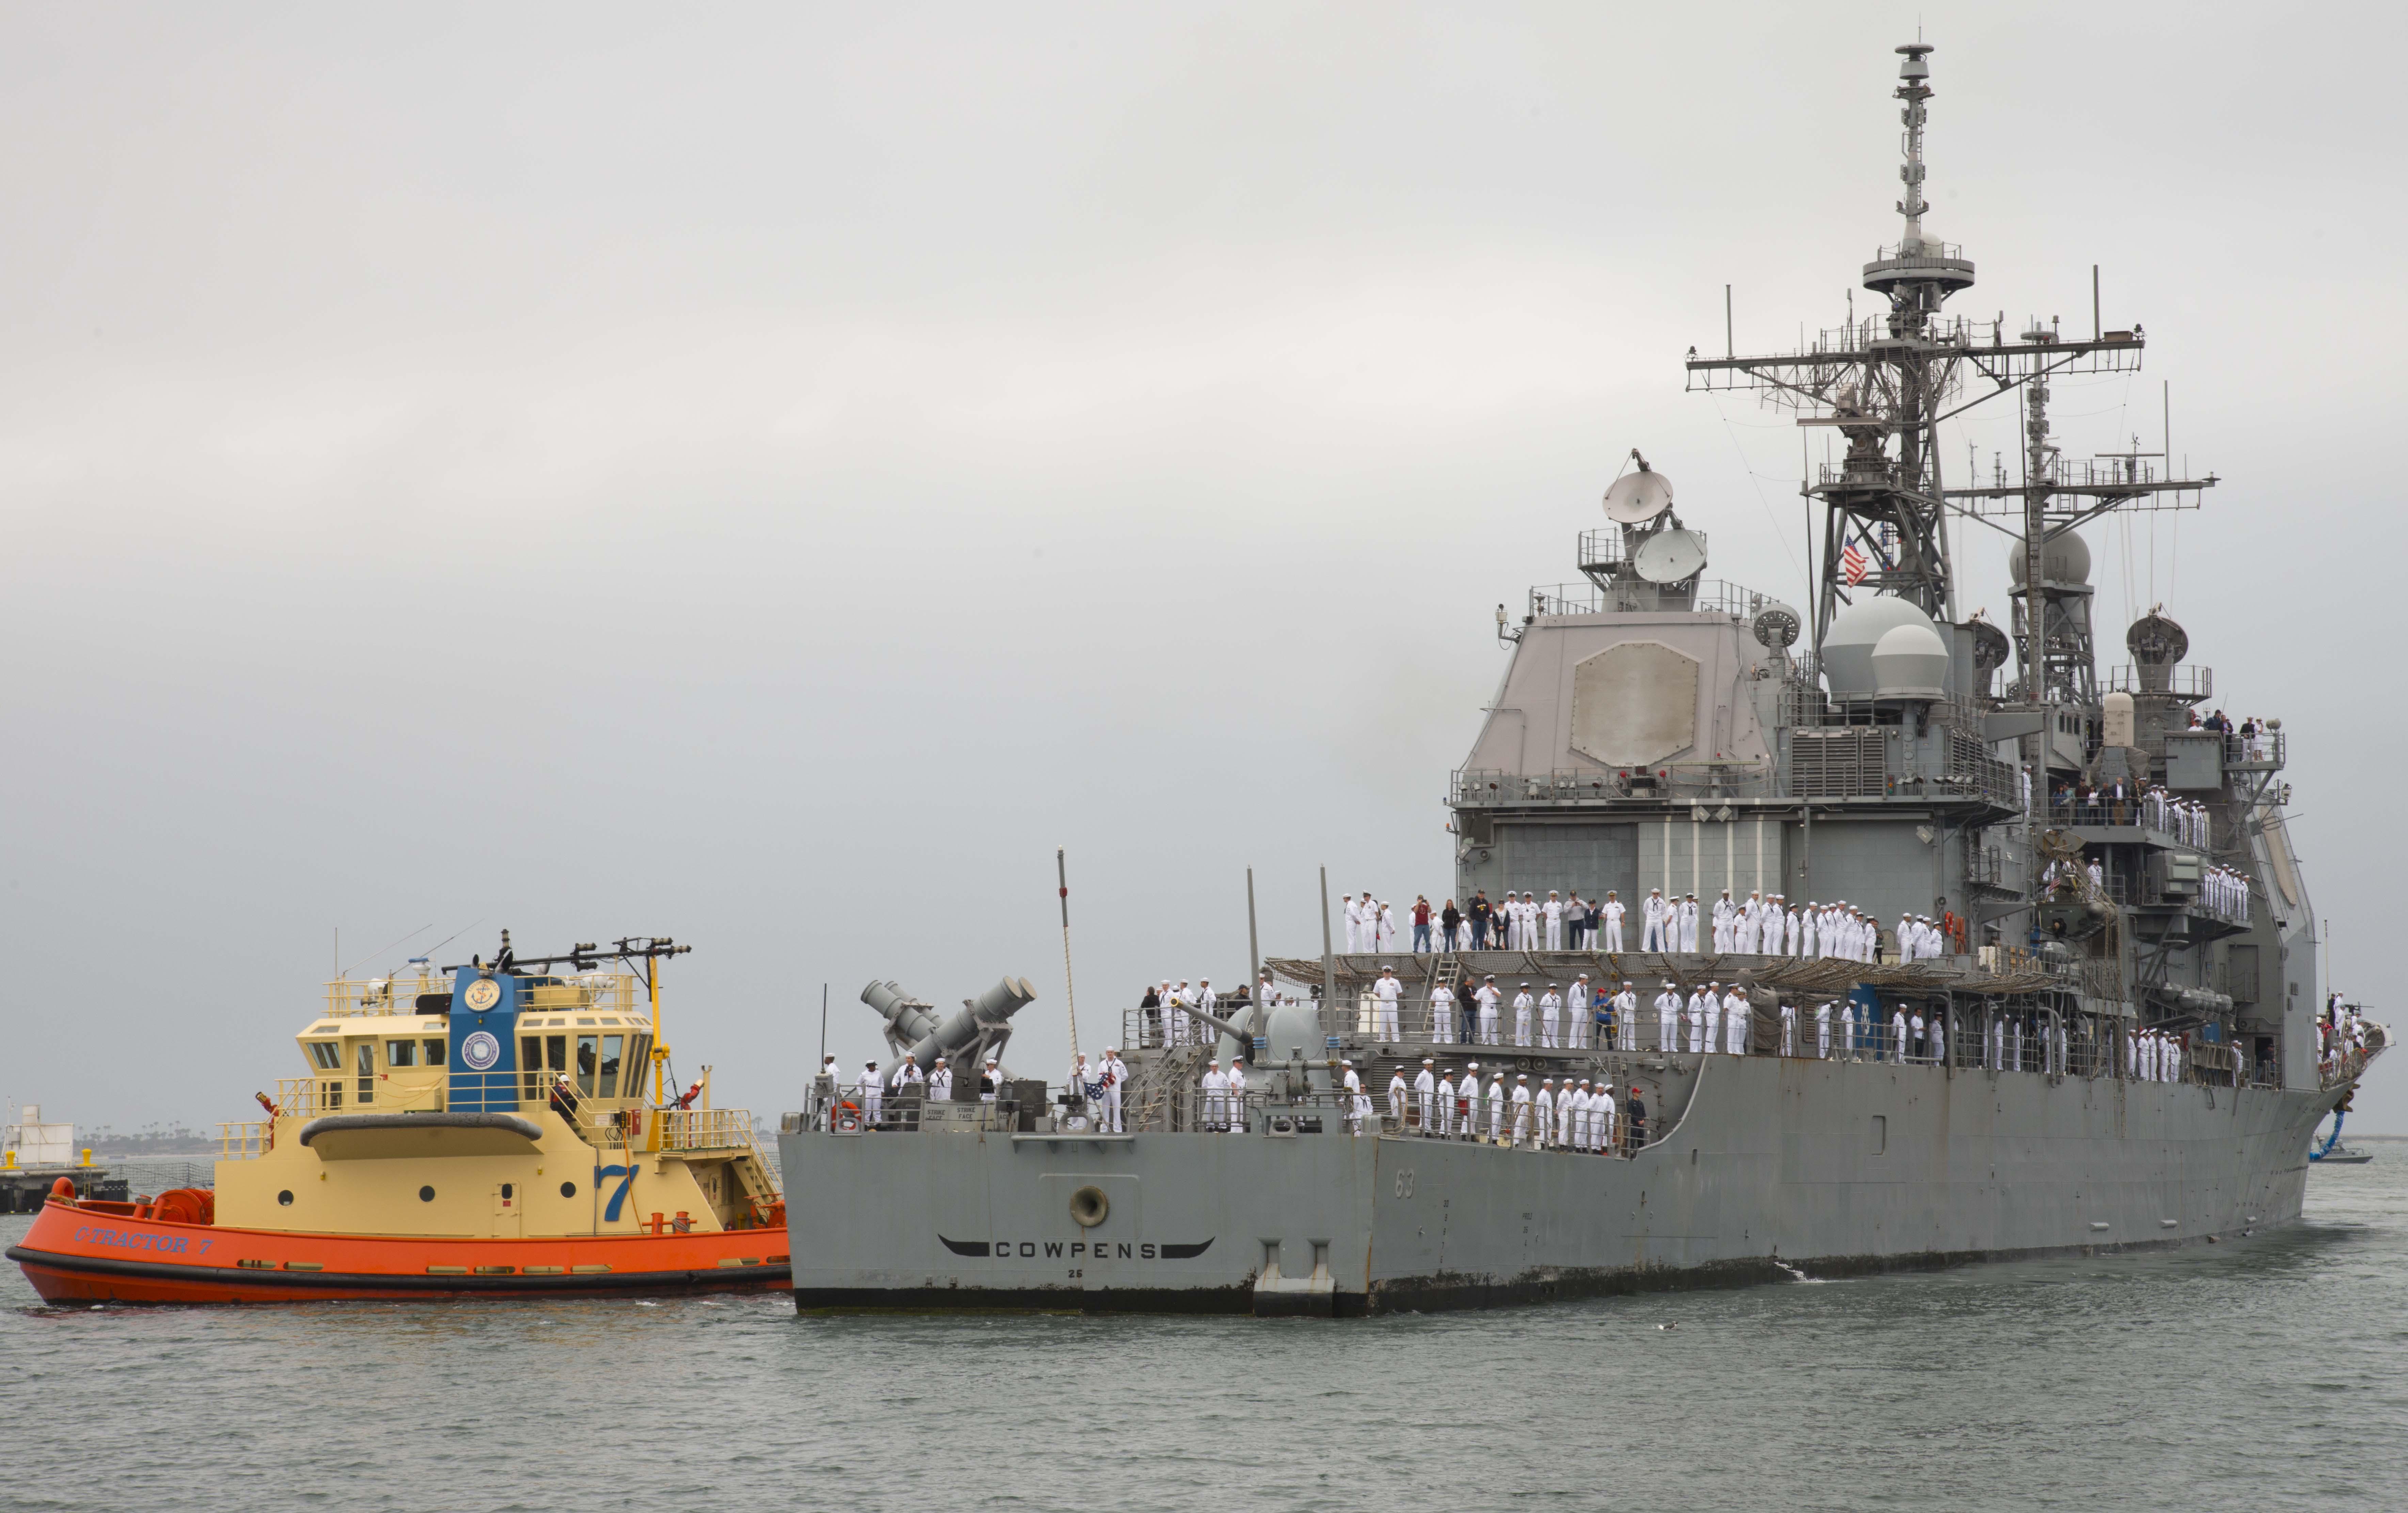 USS COWPENS CG-63 Einlaufen San Diego am 17.04.2014 Bild: U.S. Navy